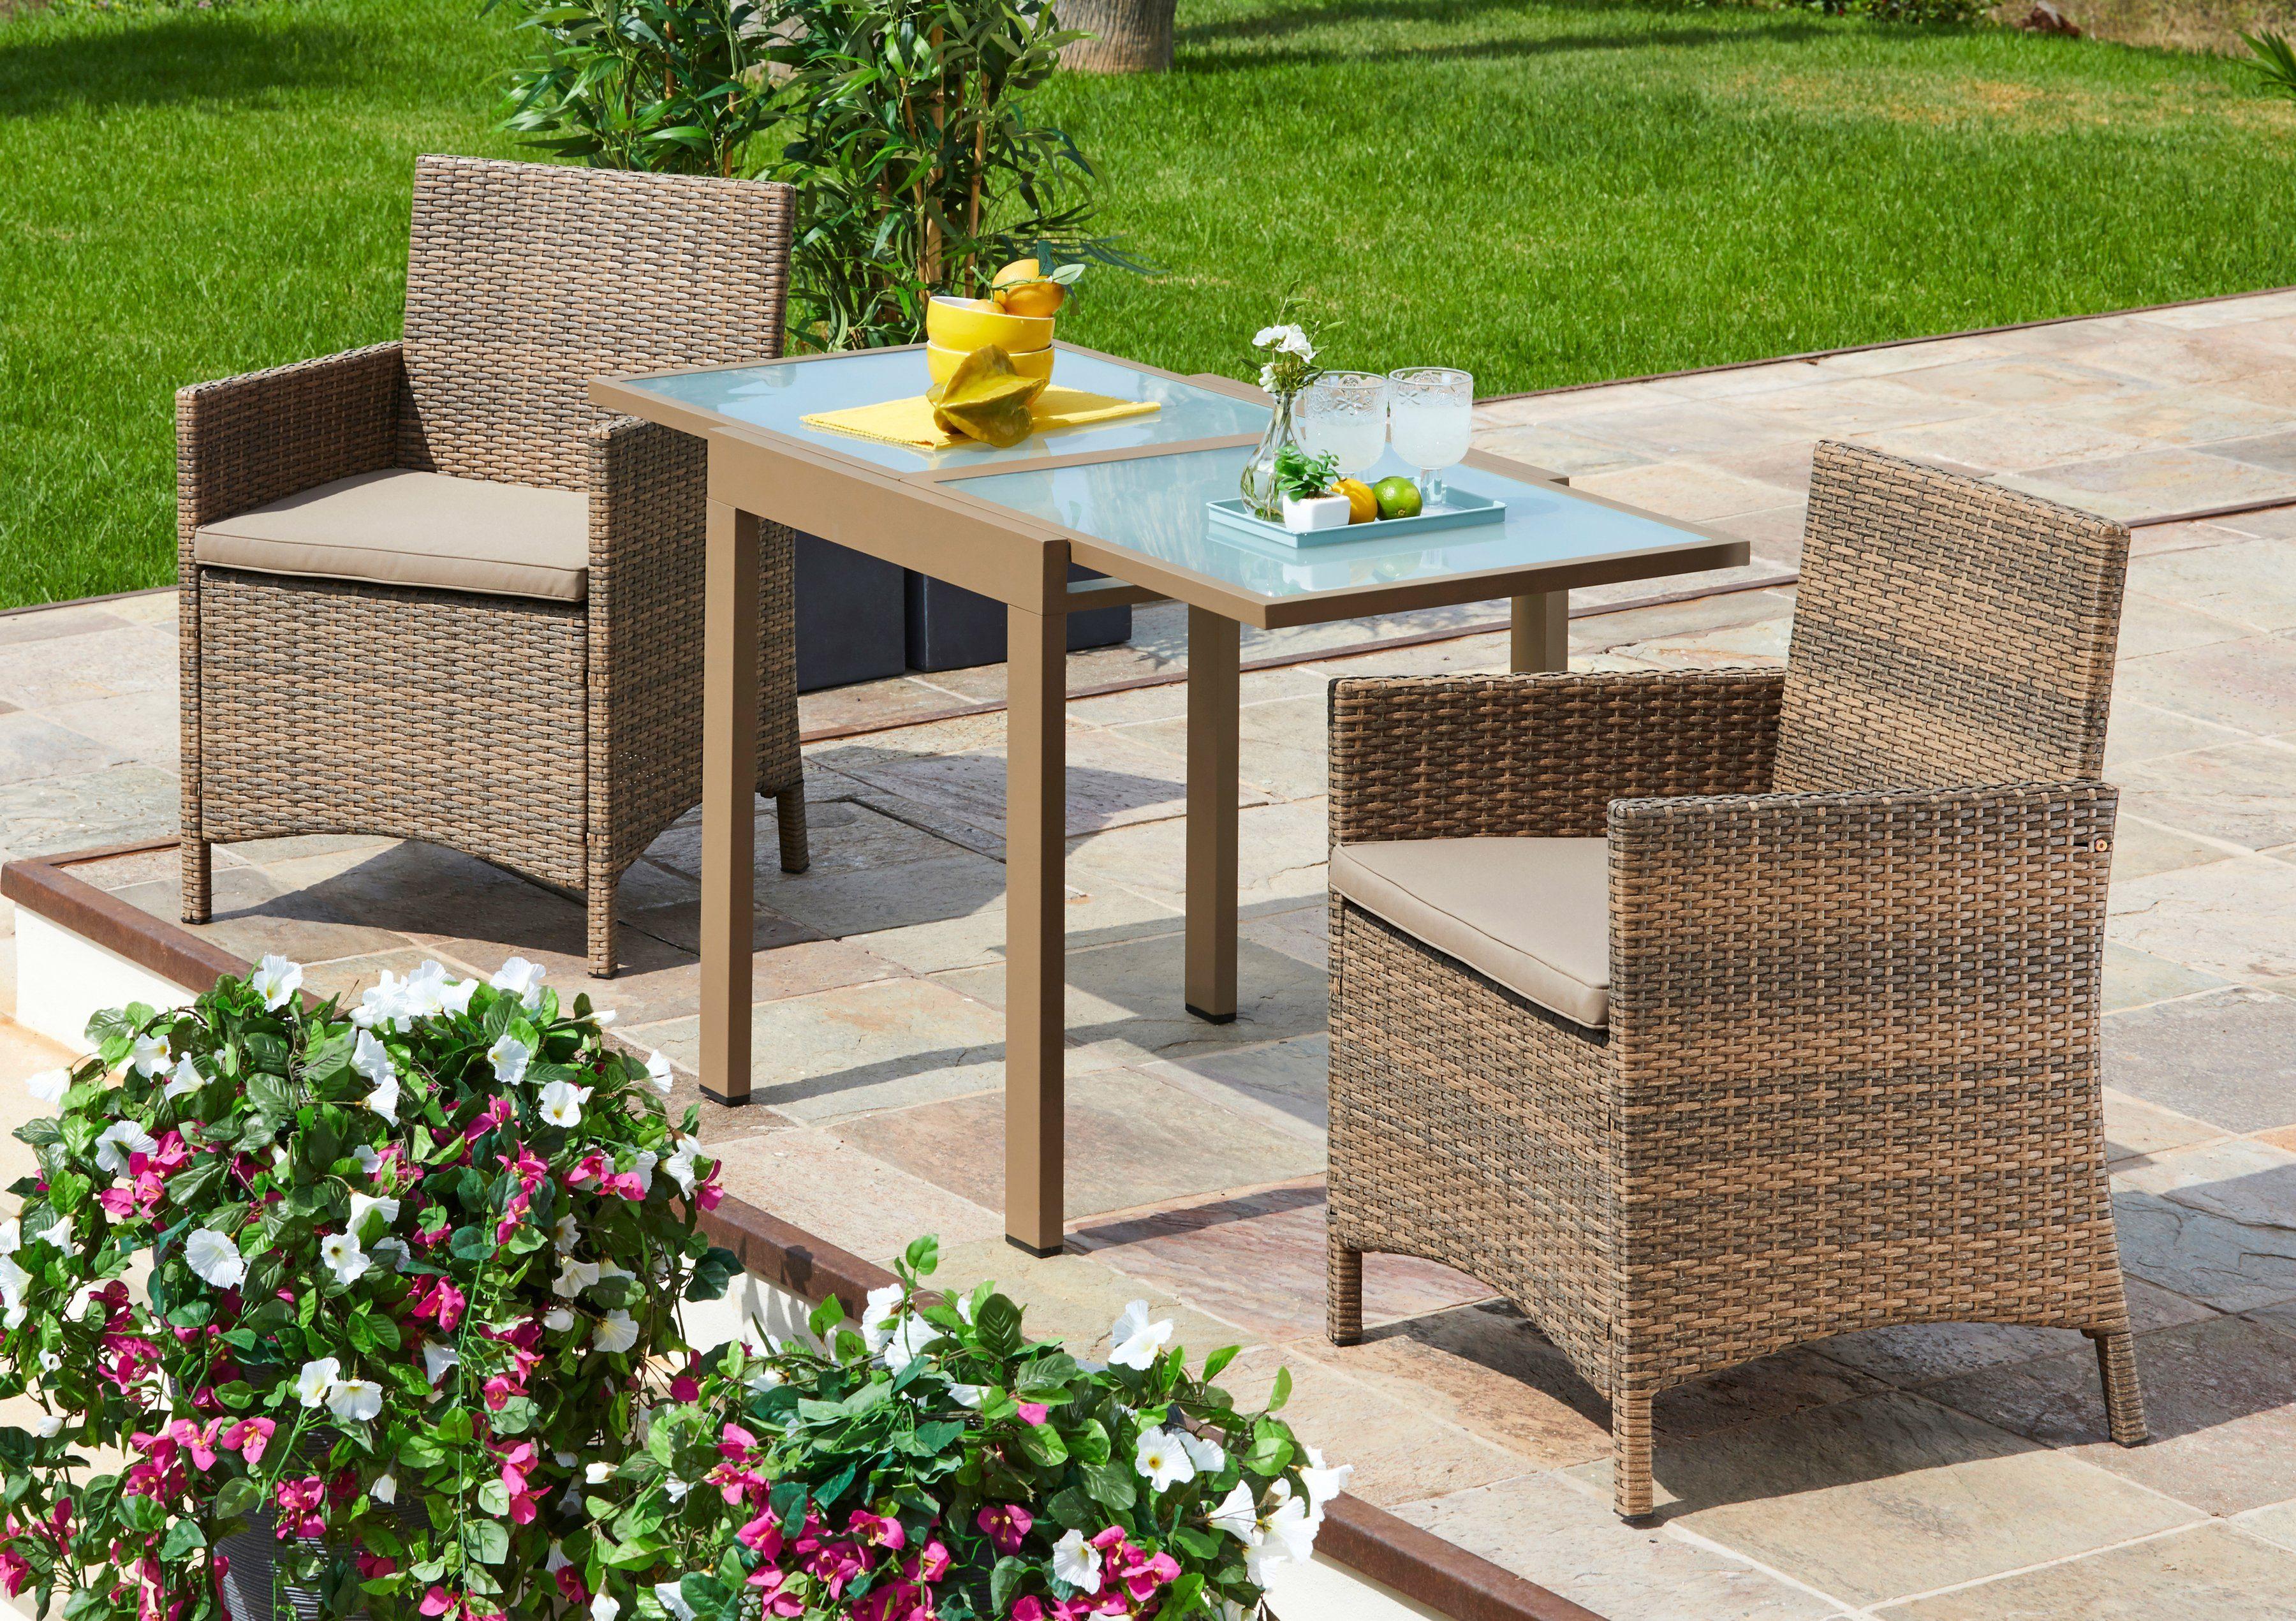 MERXX Gartenmöbelset »Treviso Premium«, 5-tlg., 2 Sessel, Tisch 65x130, Polyrattan, inkl. Auflagen